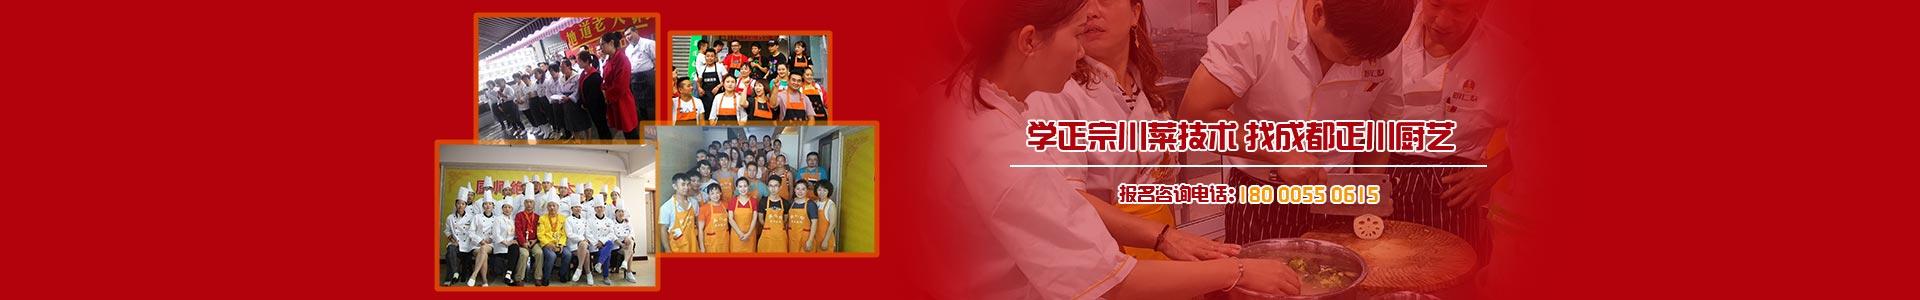 成都正川厨艺厨师培训学校